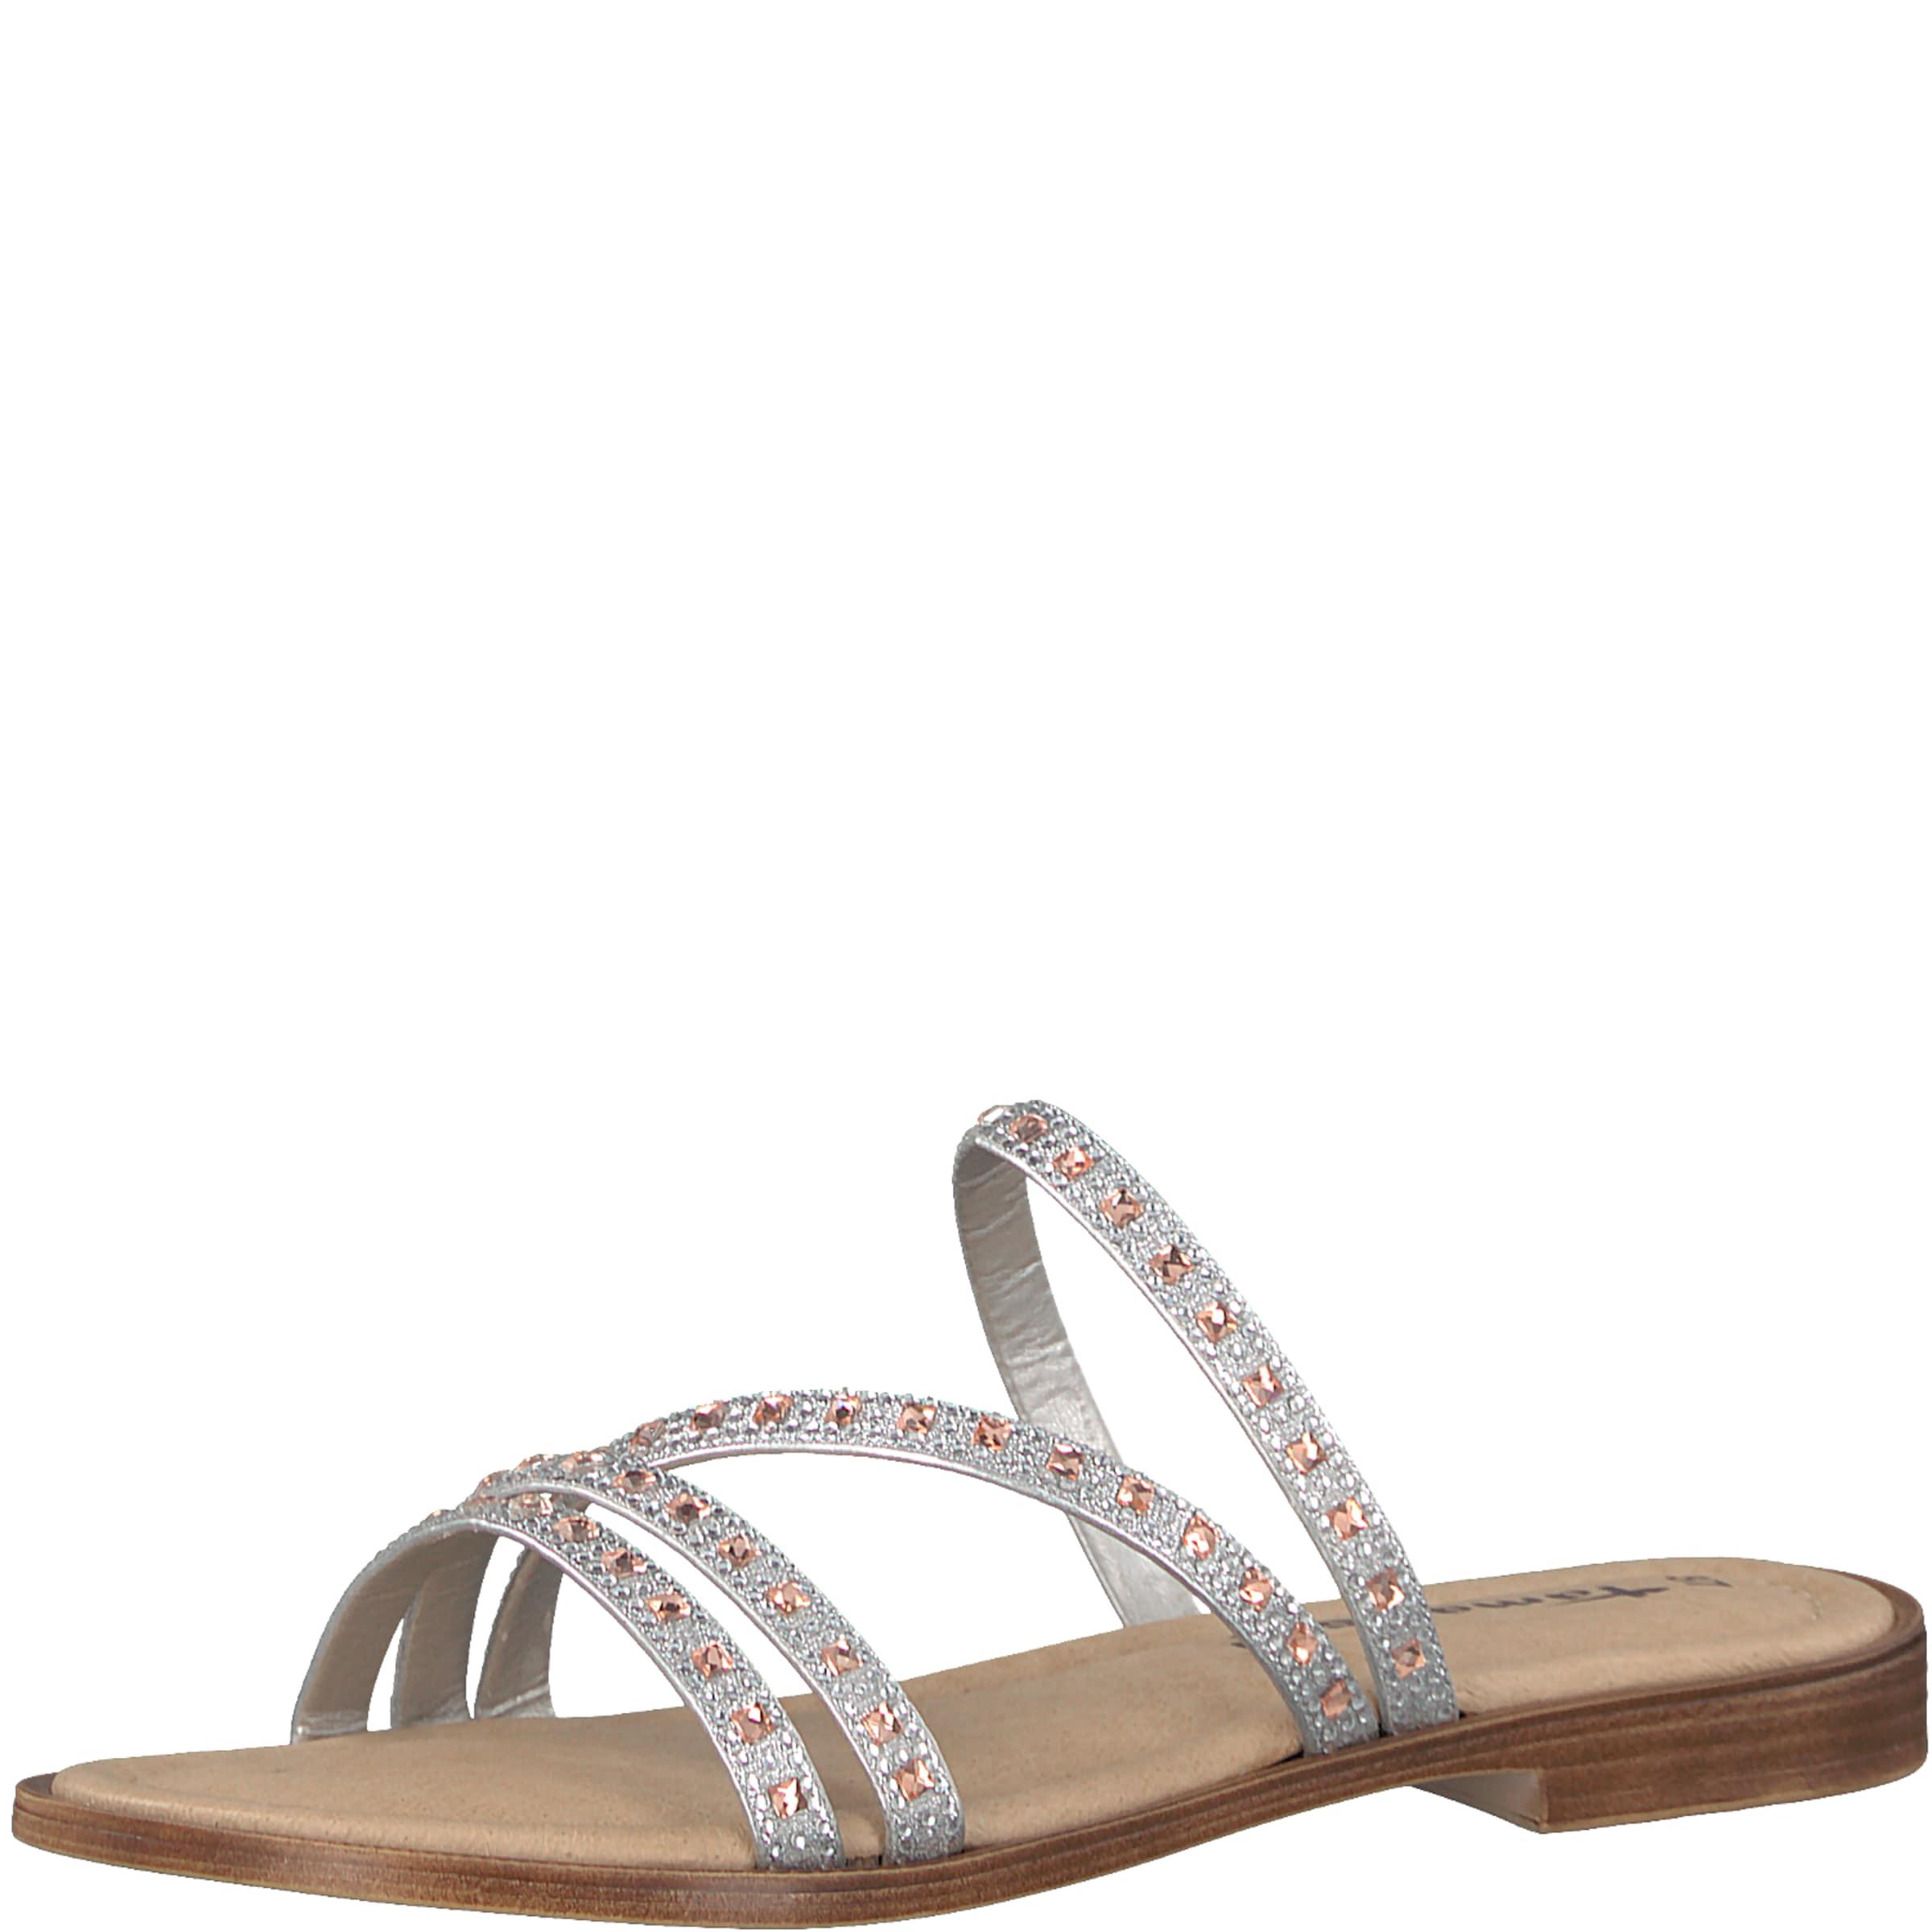 TAMARIS Riemchen Sandale Verschleißfeste Classic Verschleißfeste Sandale billige Schuhe 823081